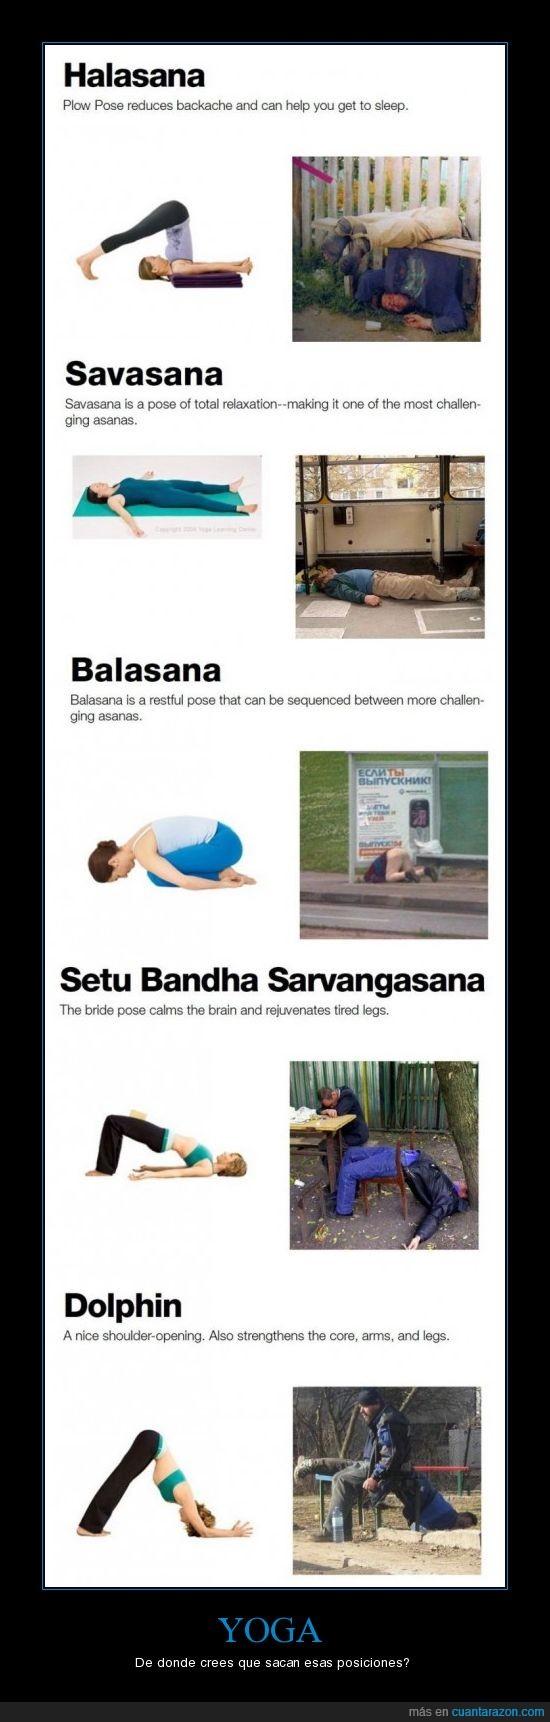 borrachos,posiciones,Yoga